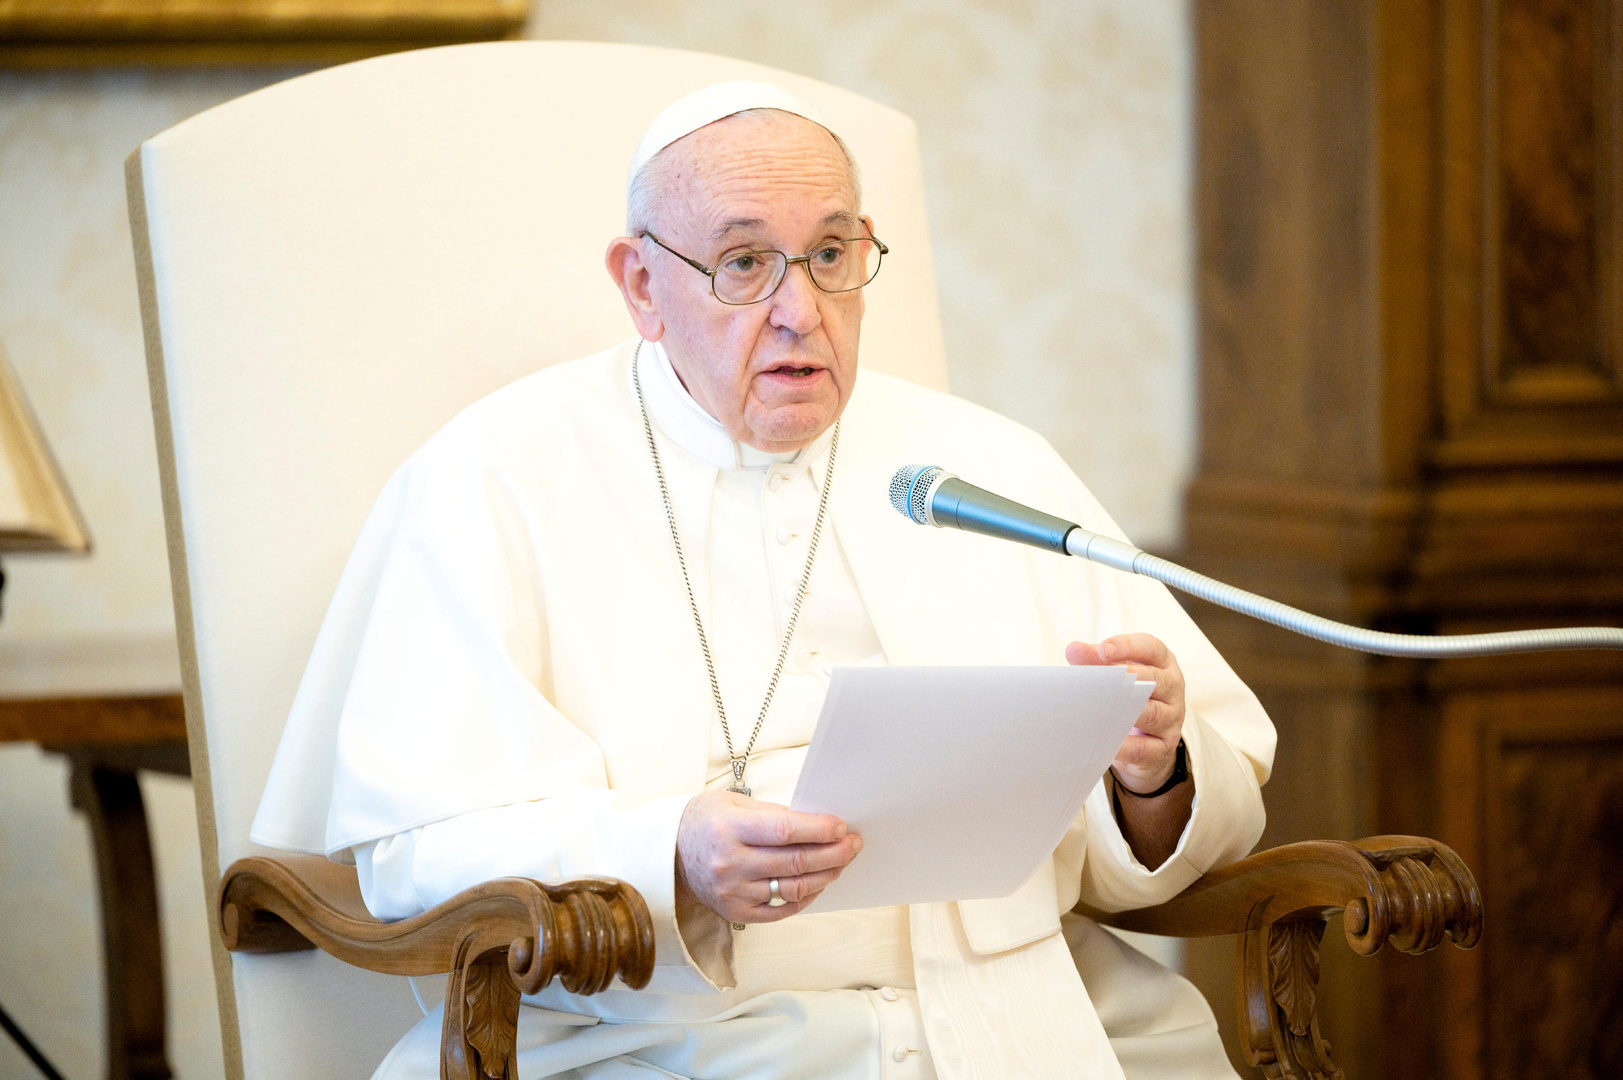 البابا فرنسيس يدعو للصلاة من أجل سوريا واليمن